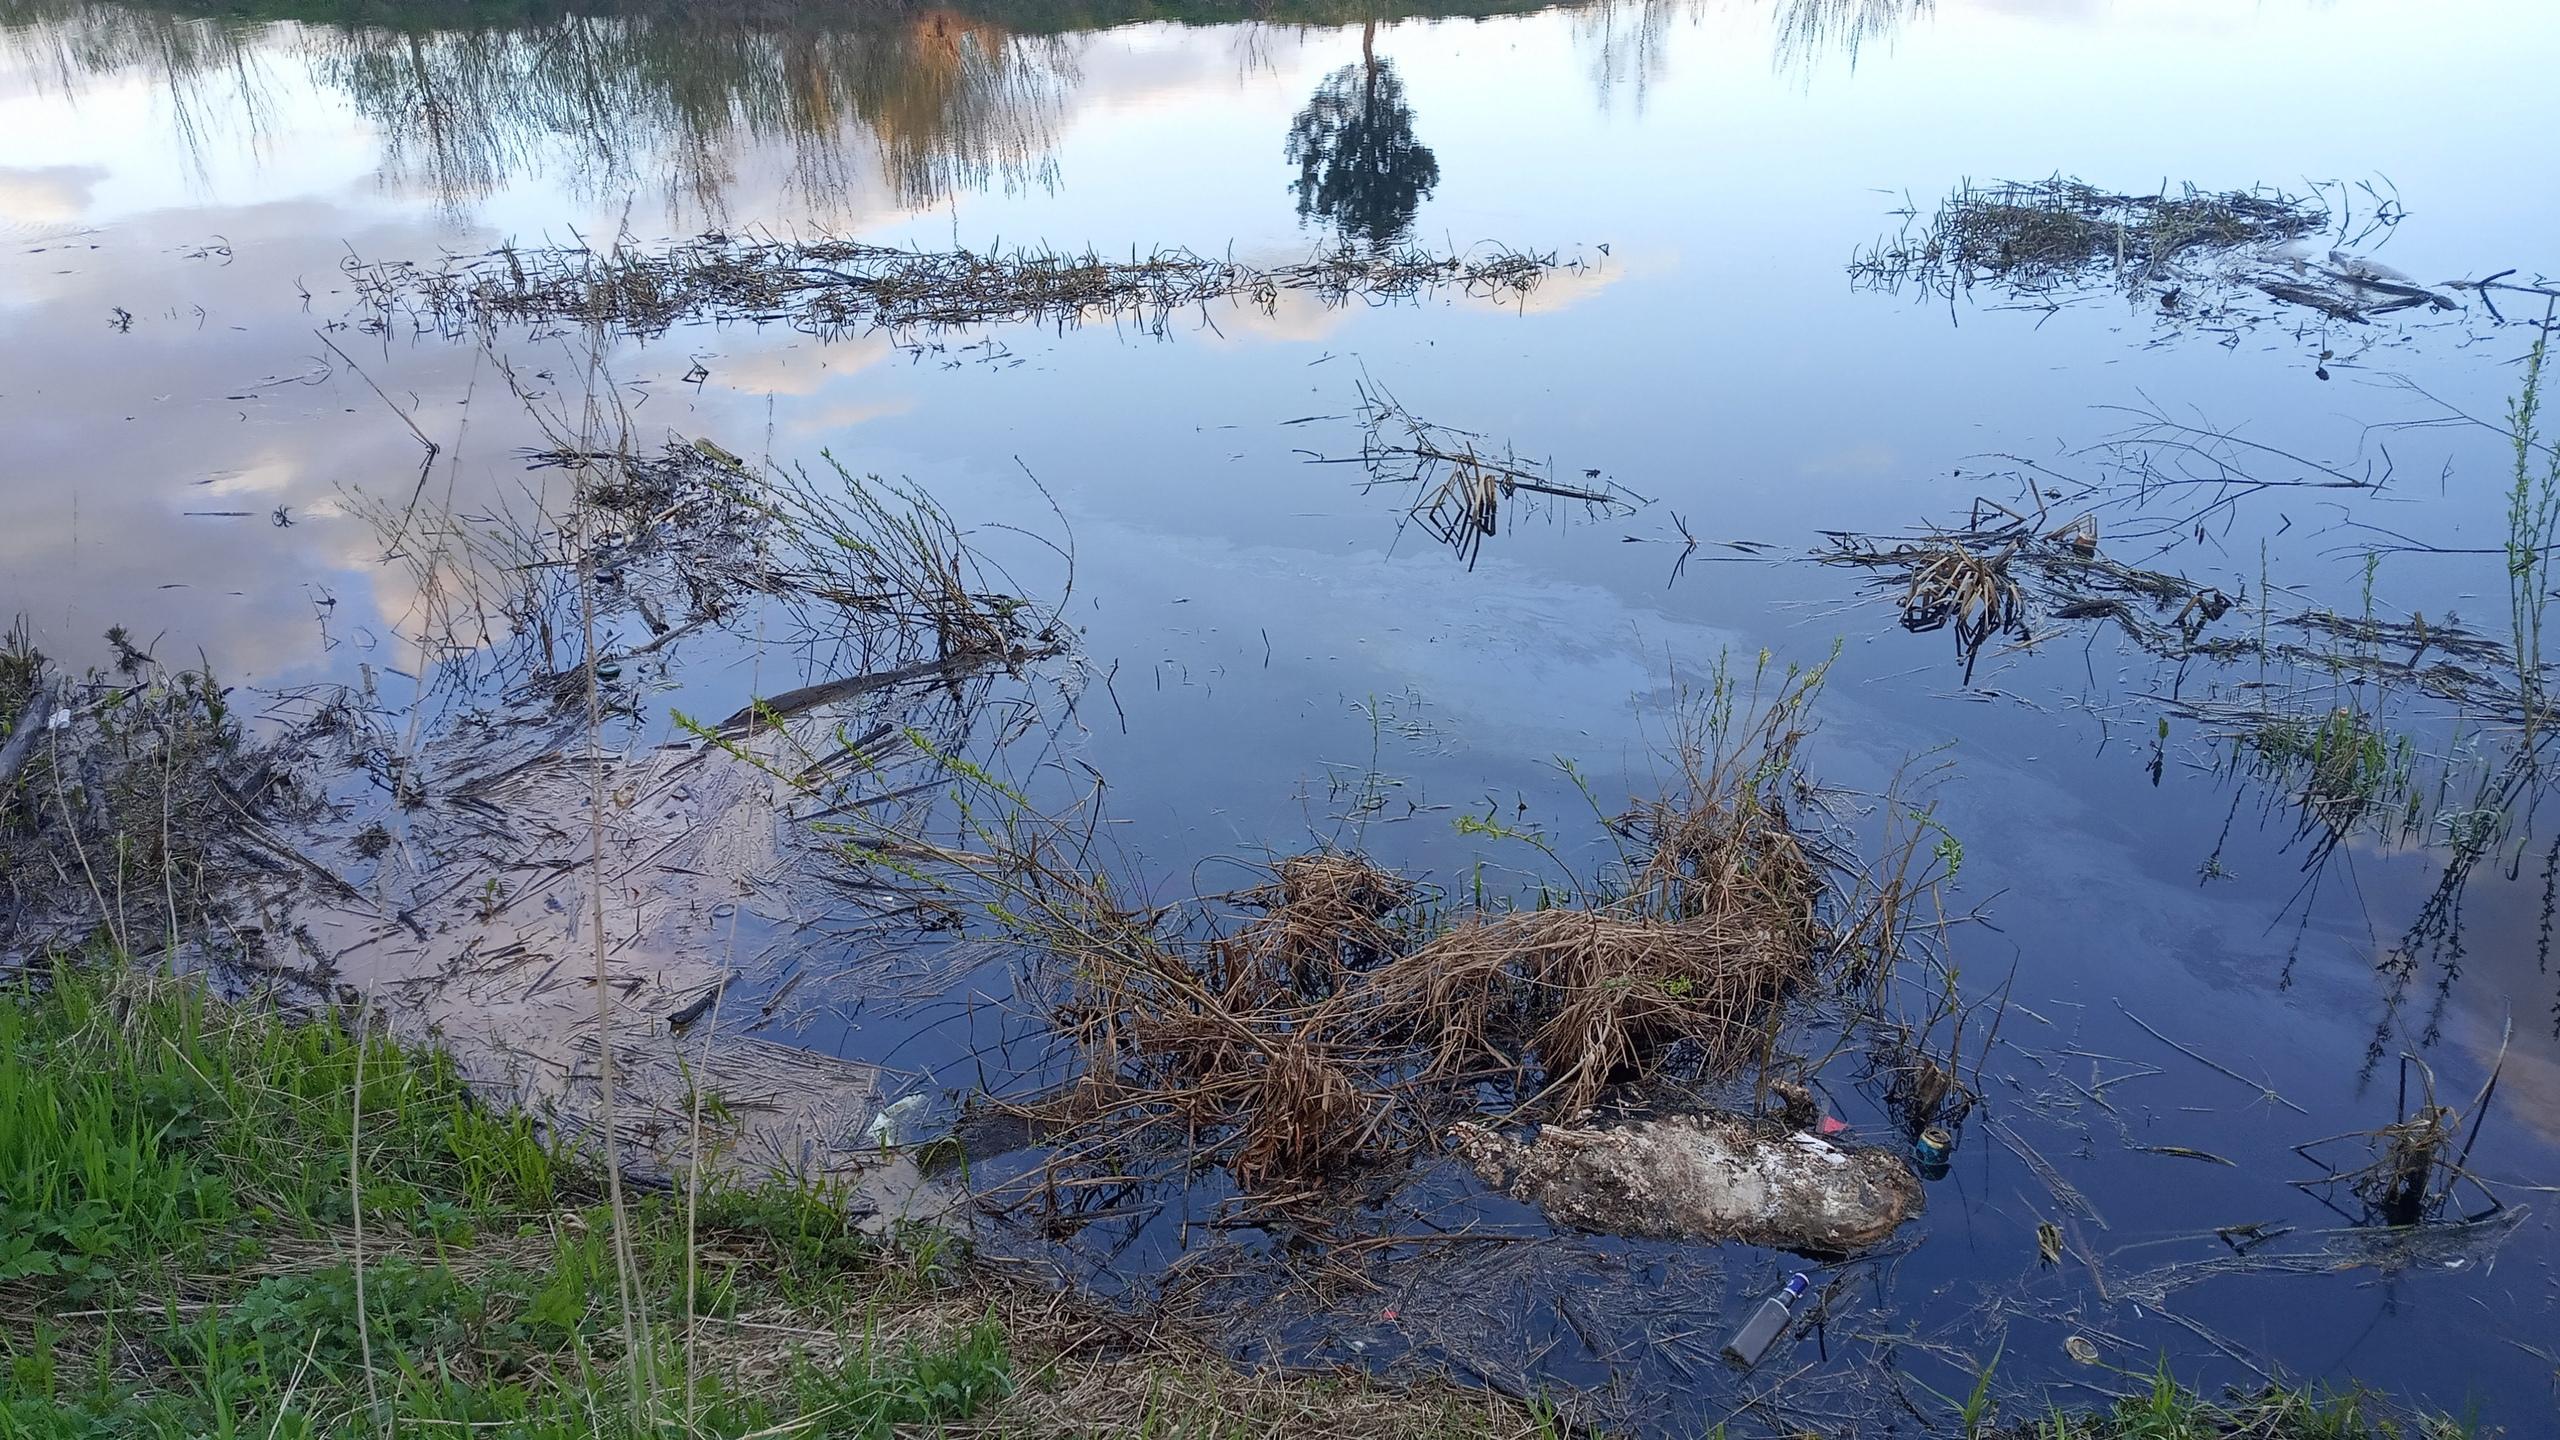 Режим повышенной готовности ввели в Твери из-за масляных пятен на реке